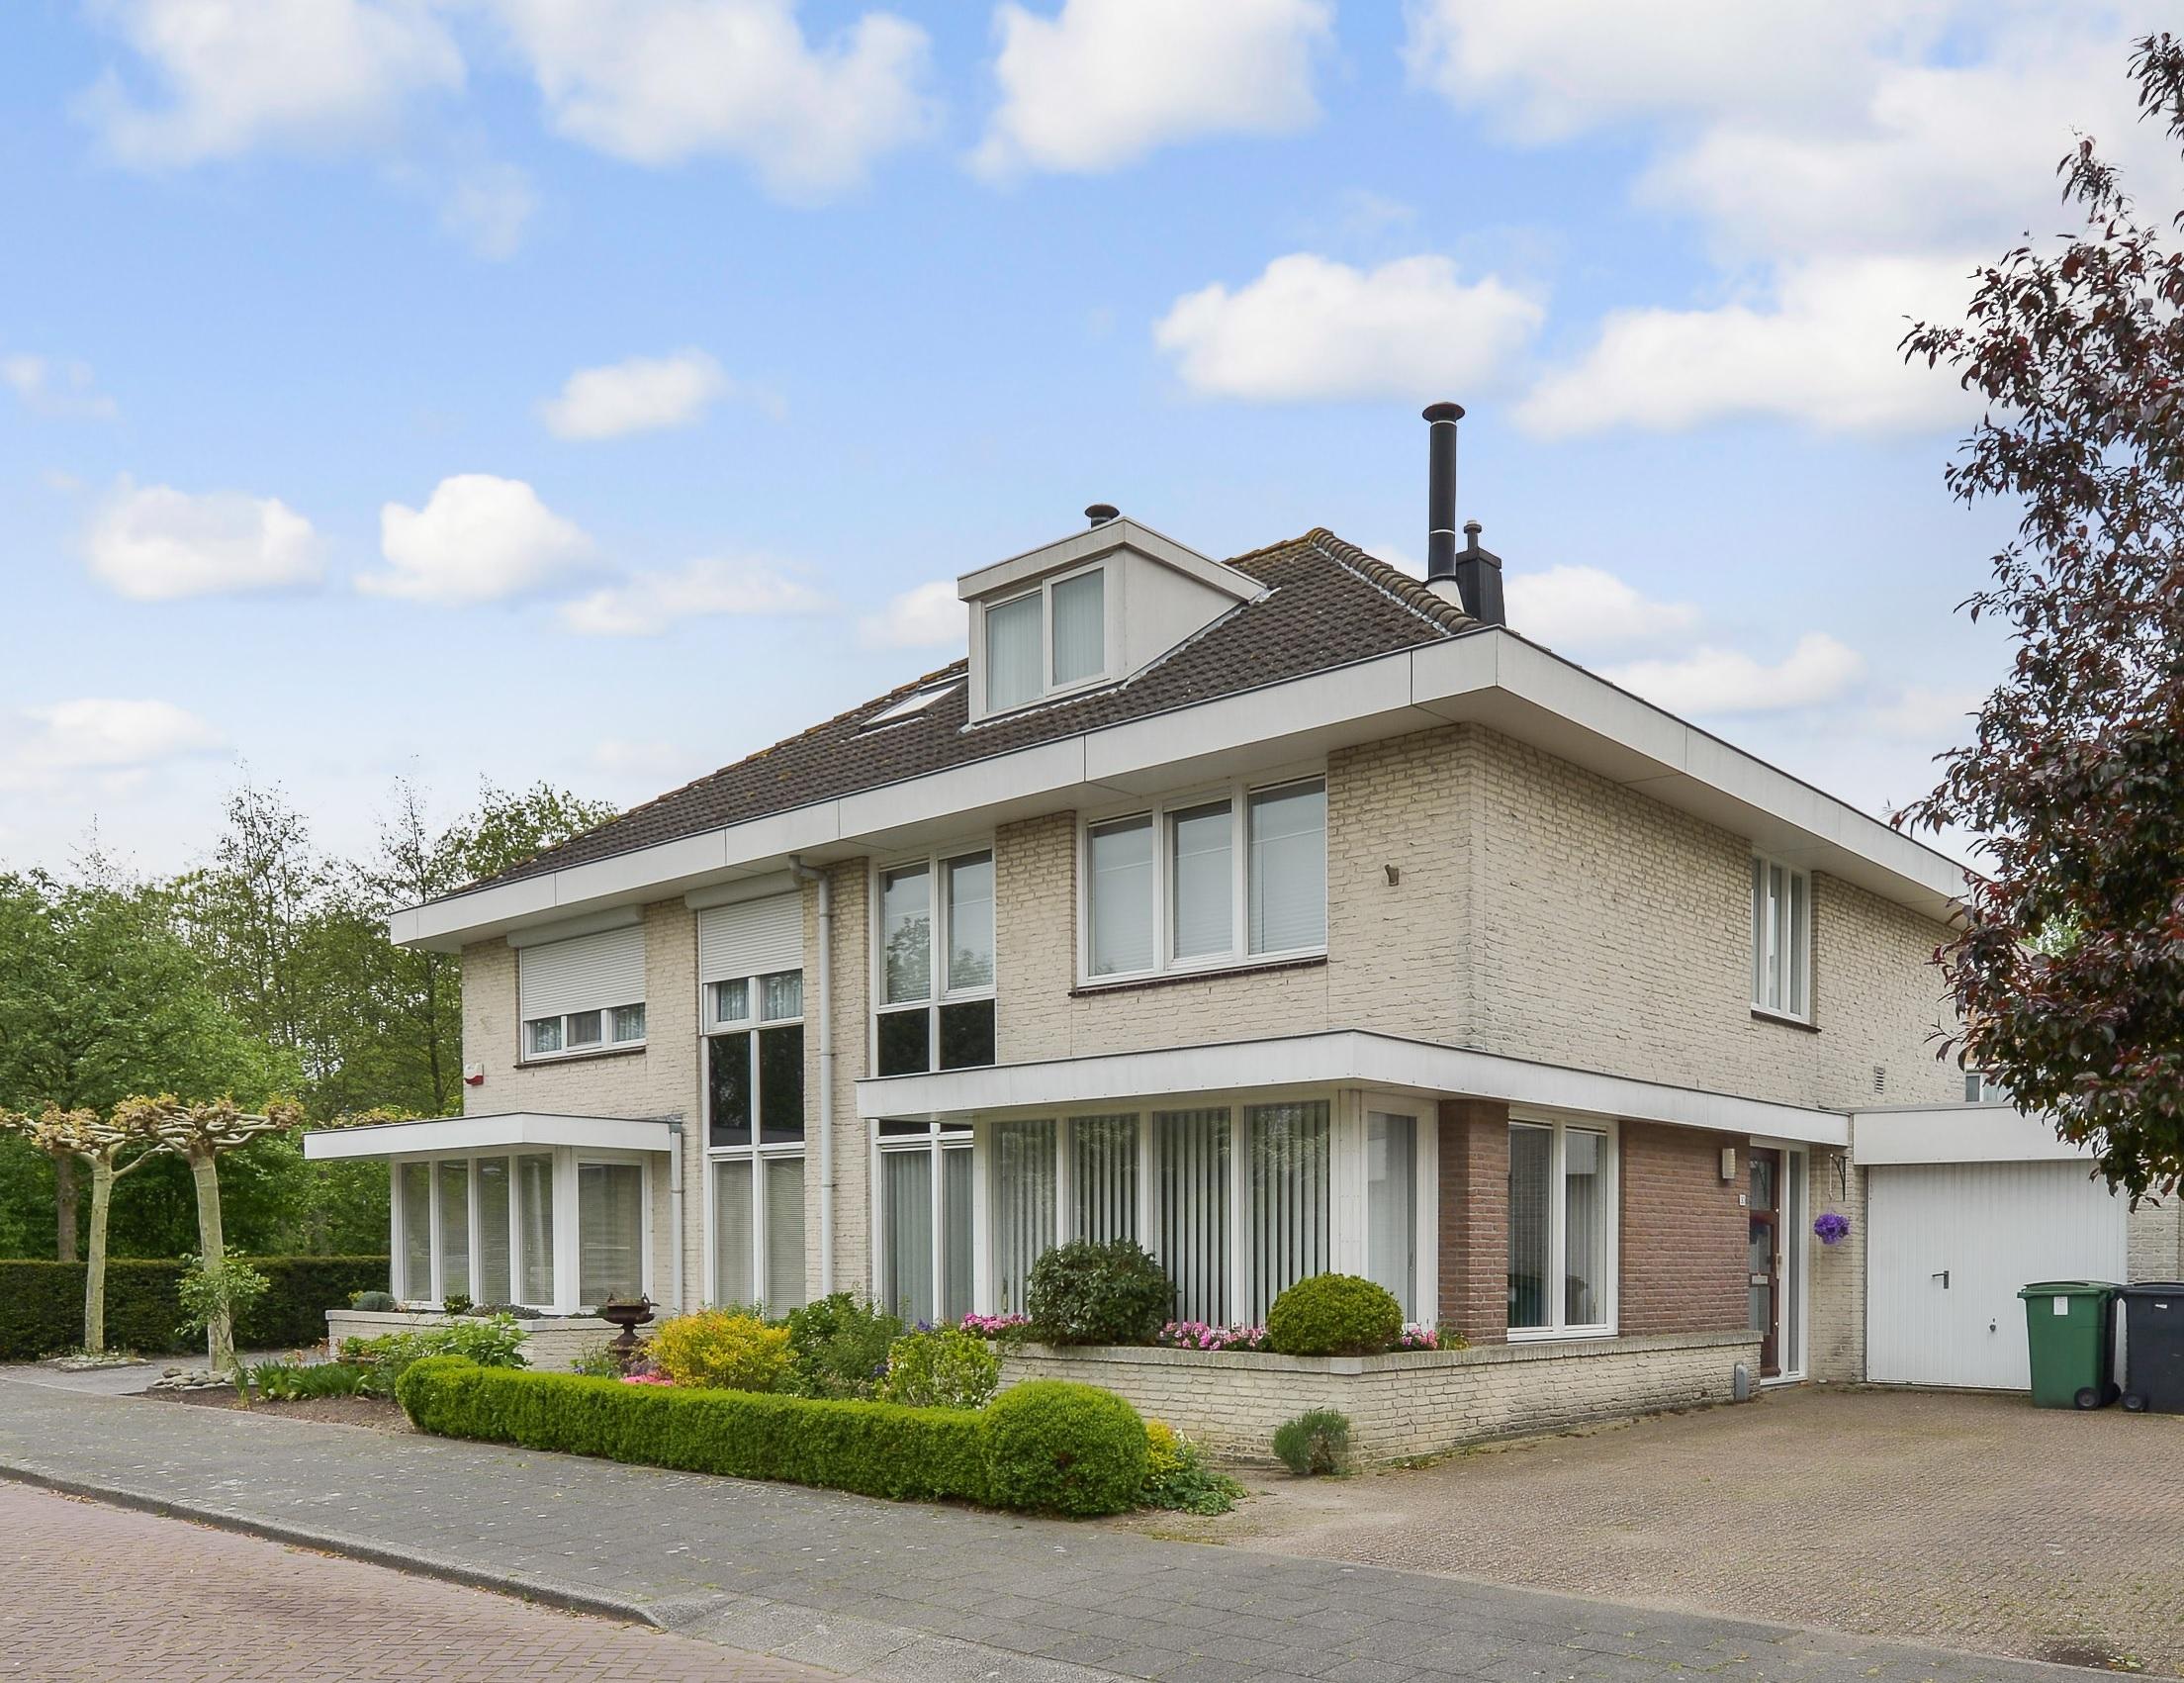 Lunshof makelaars Amstelveen en Amsterdam - Jan Weilandlaan 30  Amstelveen